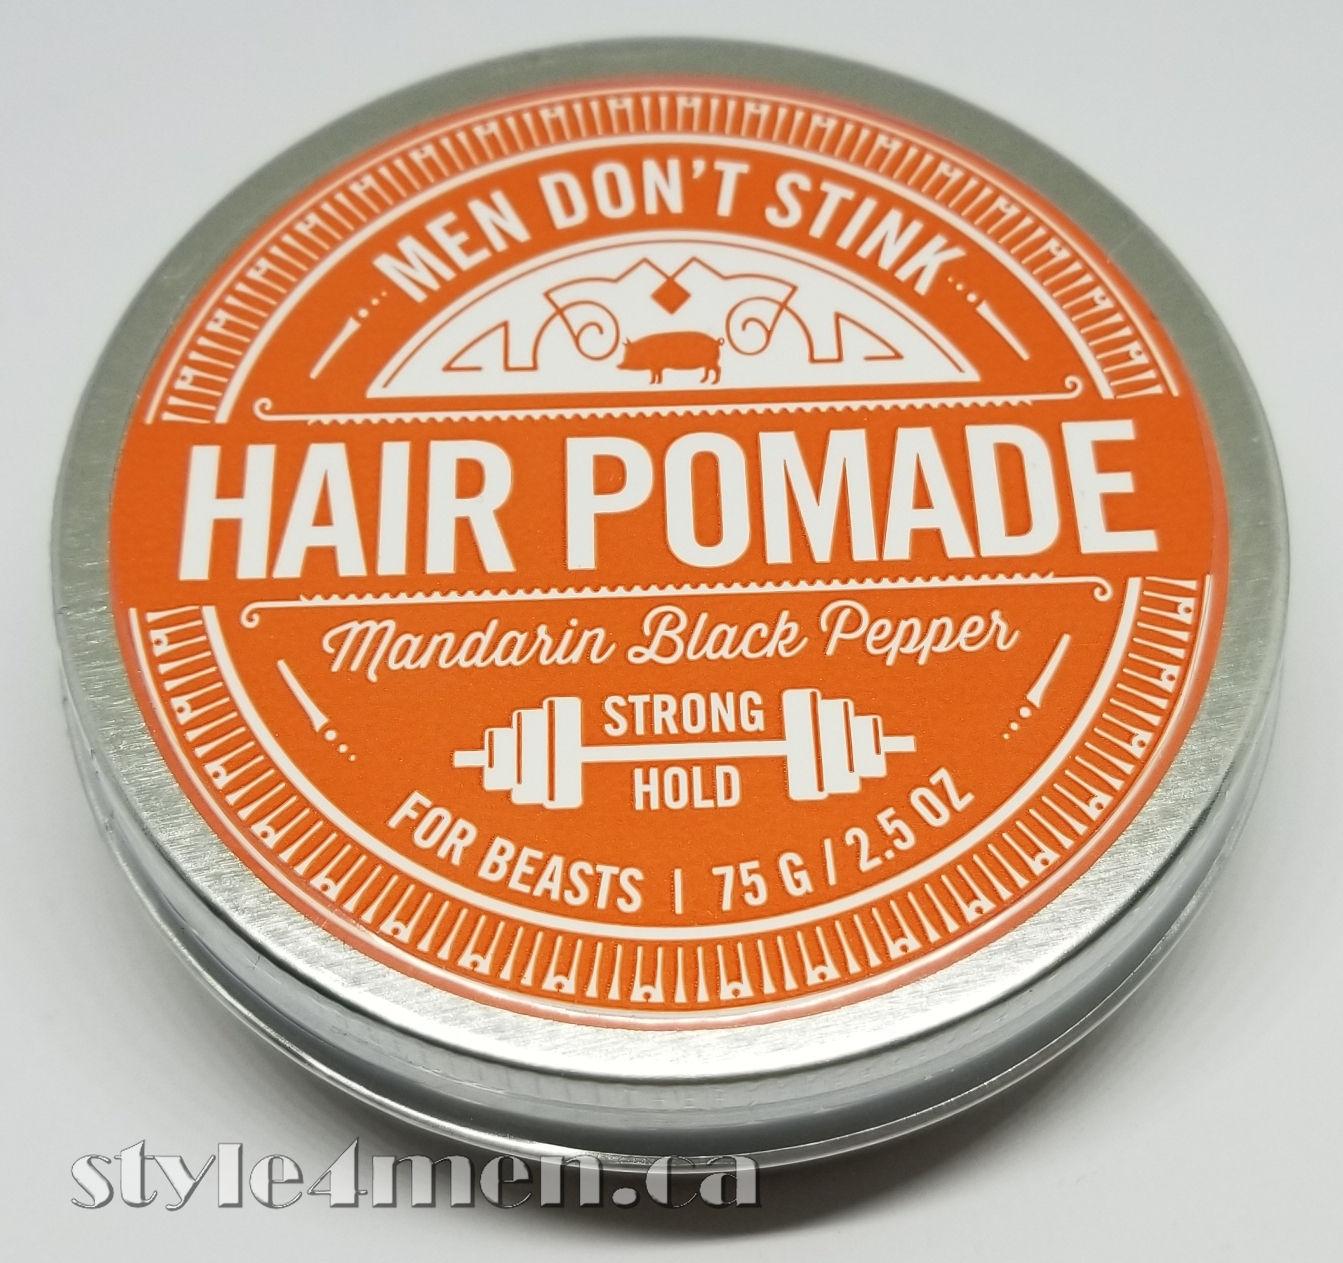 MEN DON'T STINK - Strong - Mandarin Black Pepper - Style4Men ca